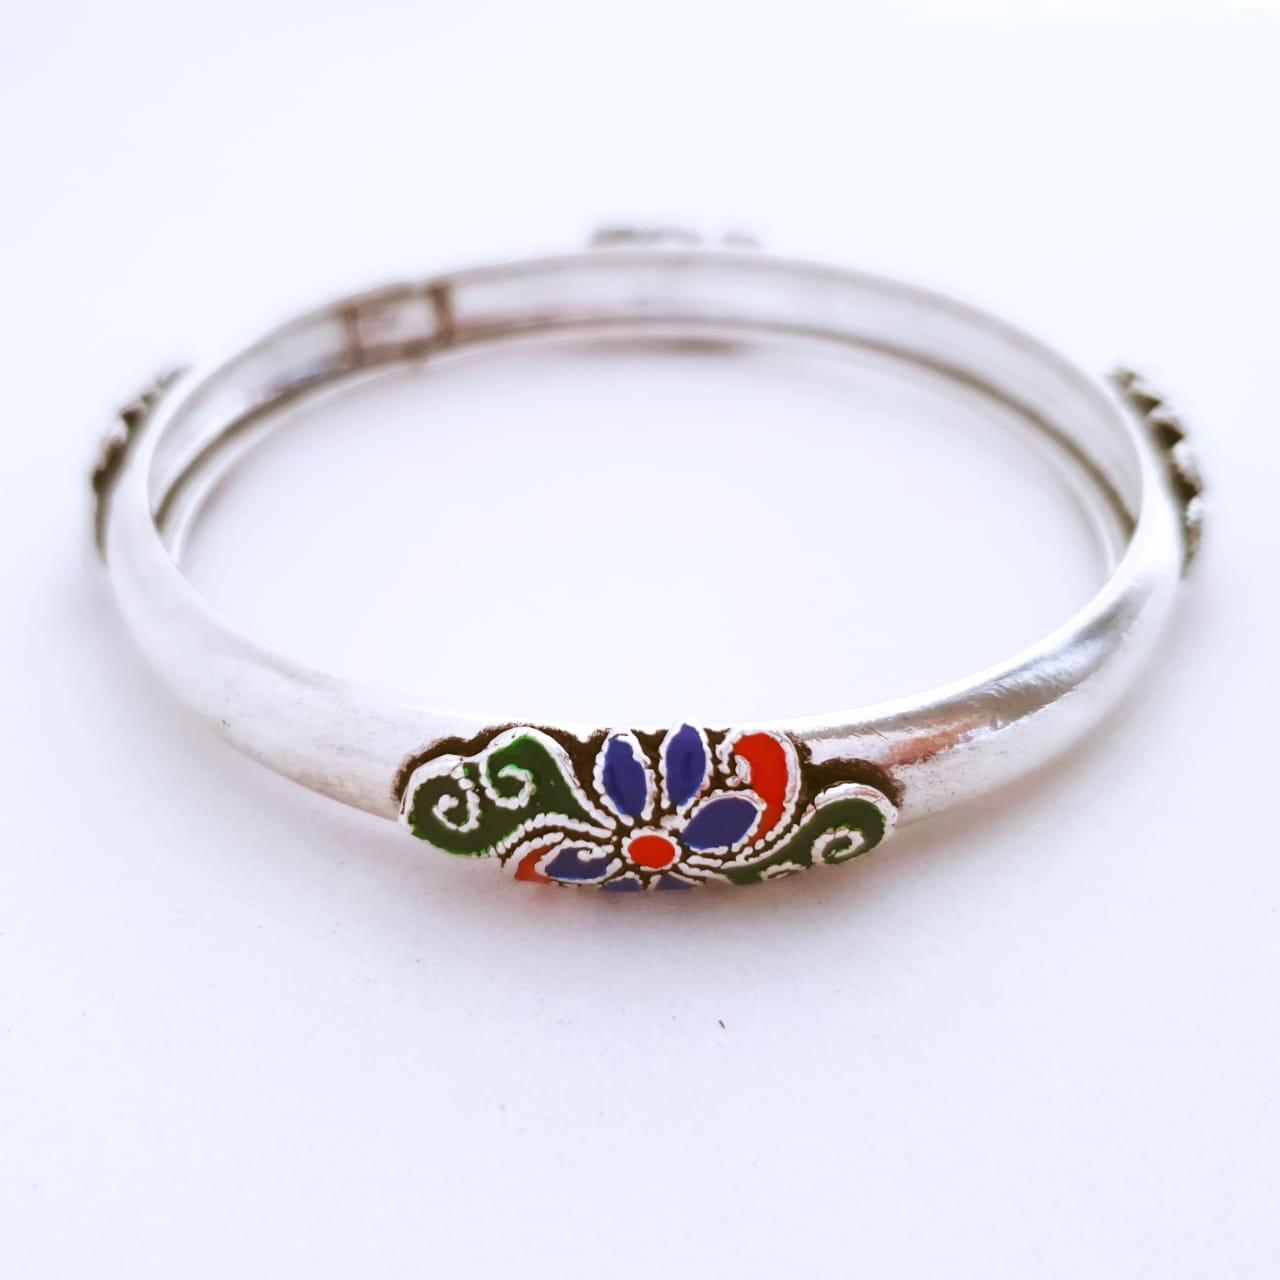 Bracelete de Prata Cloisonné